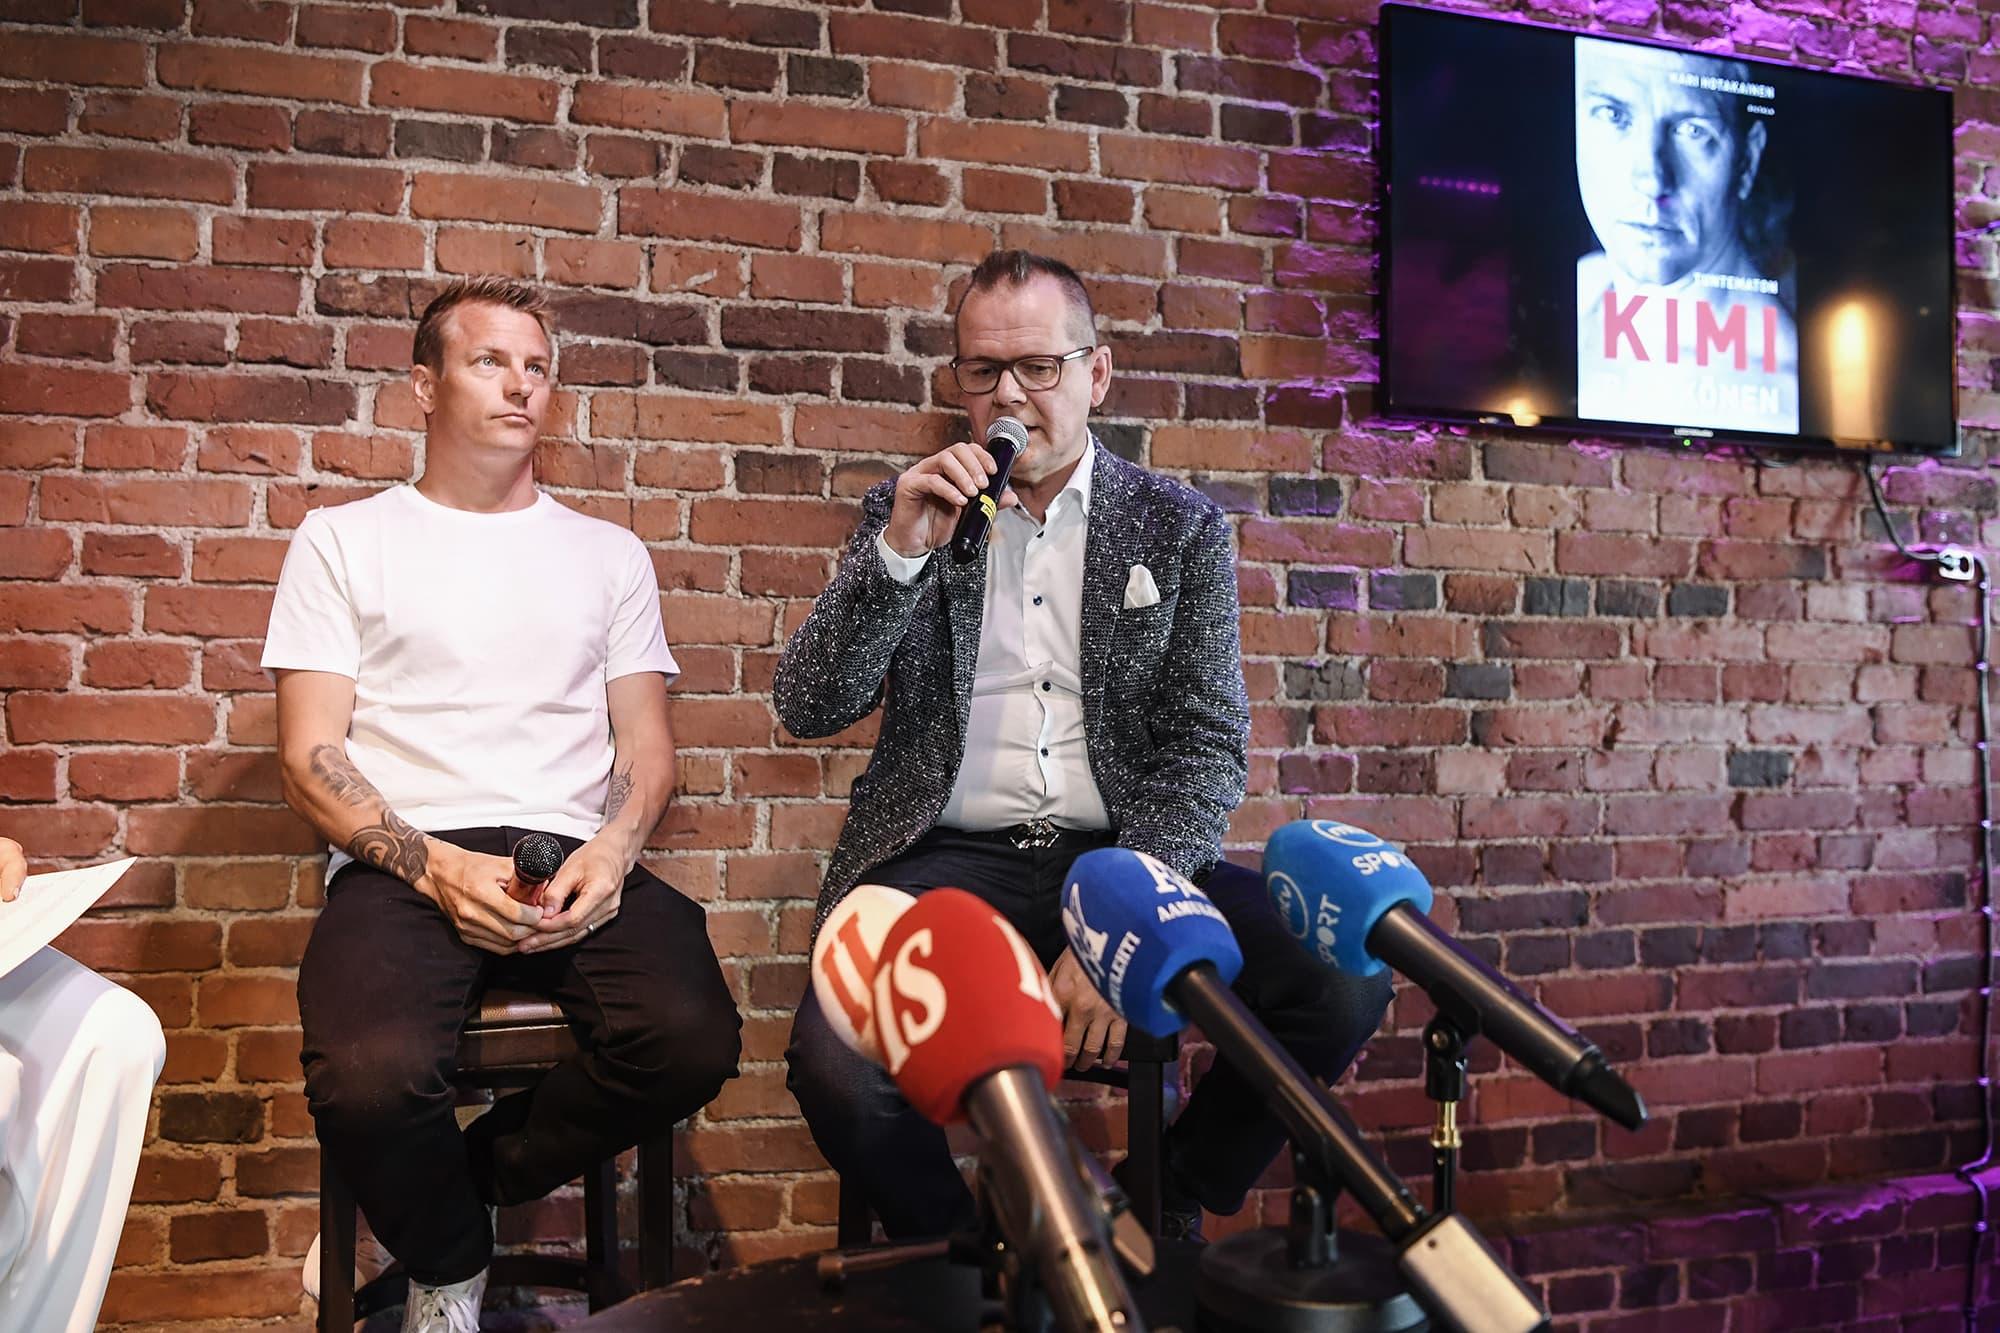 Tuntematon Kimi Räikkönen -kirjan julkaisutilaisuus kesäkuussa 2018.